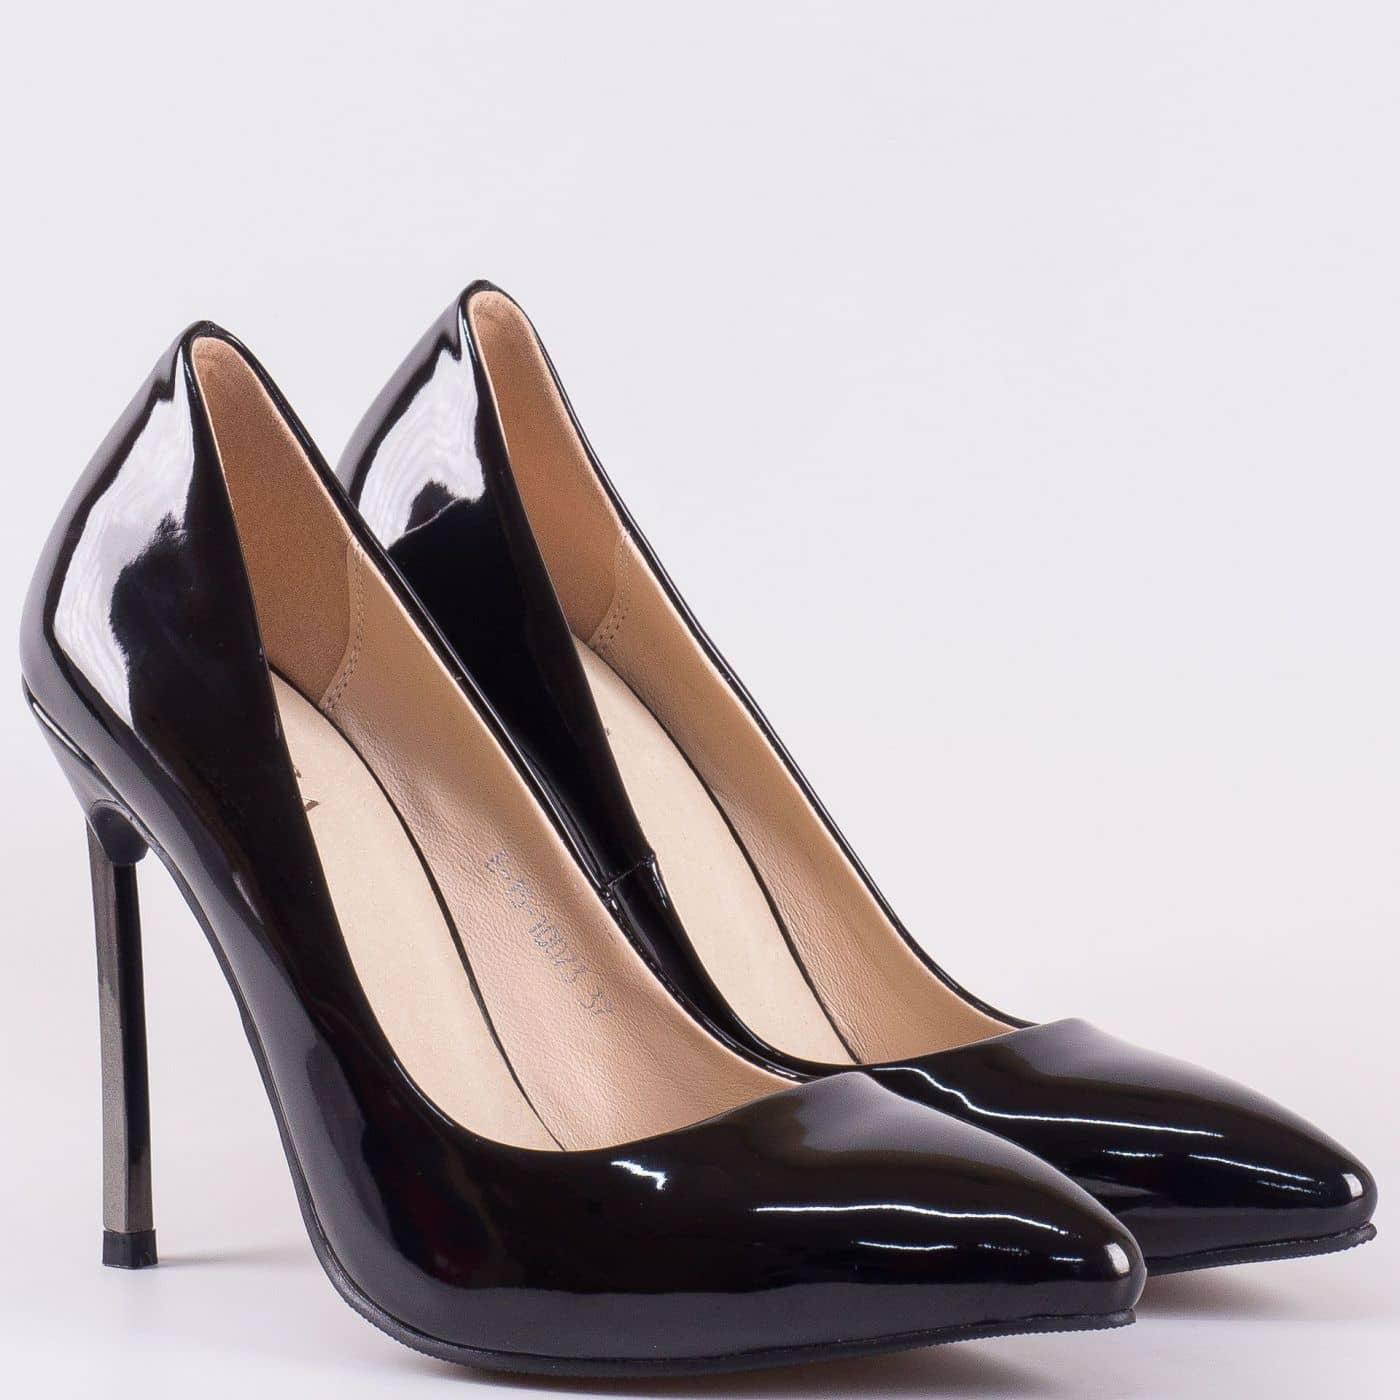 f8a5d0e7781 Лачени дамски обувки на висок метален ток в черен цвят- Eliza с кожена  стелка 10073lch - Sisi-bg.com